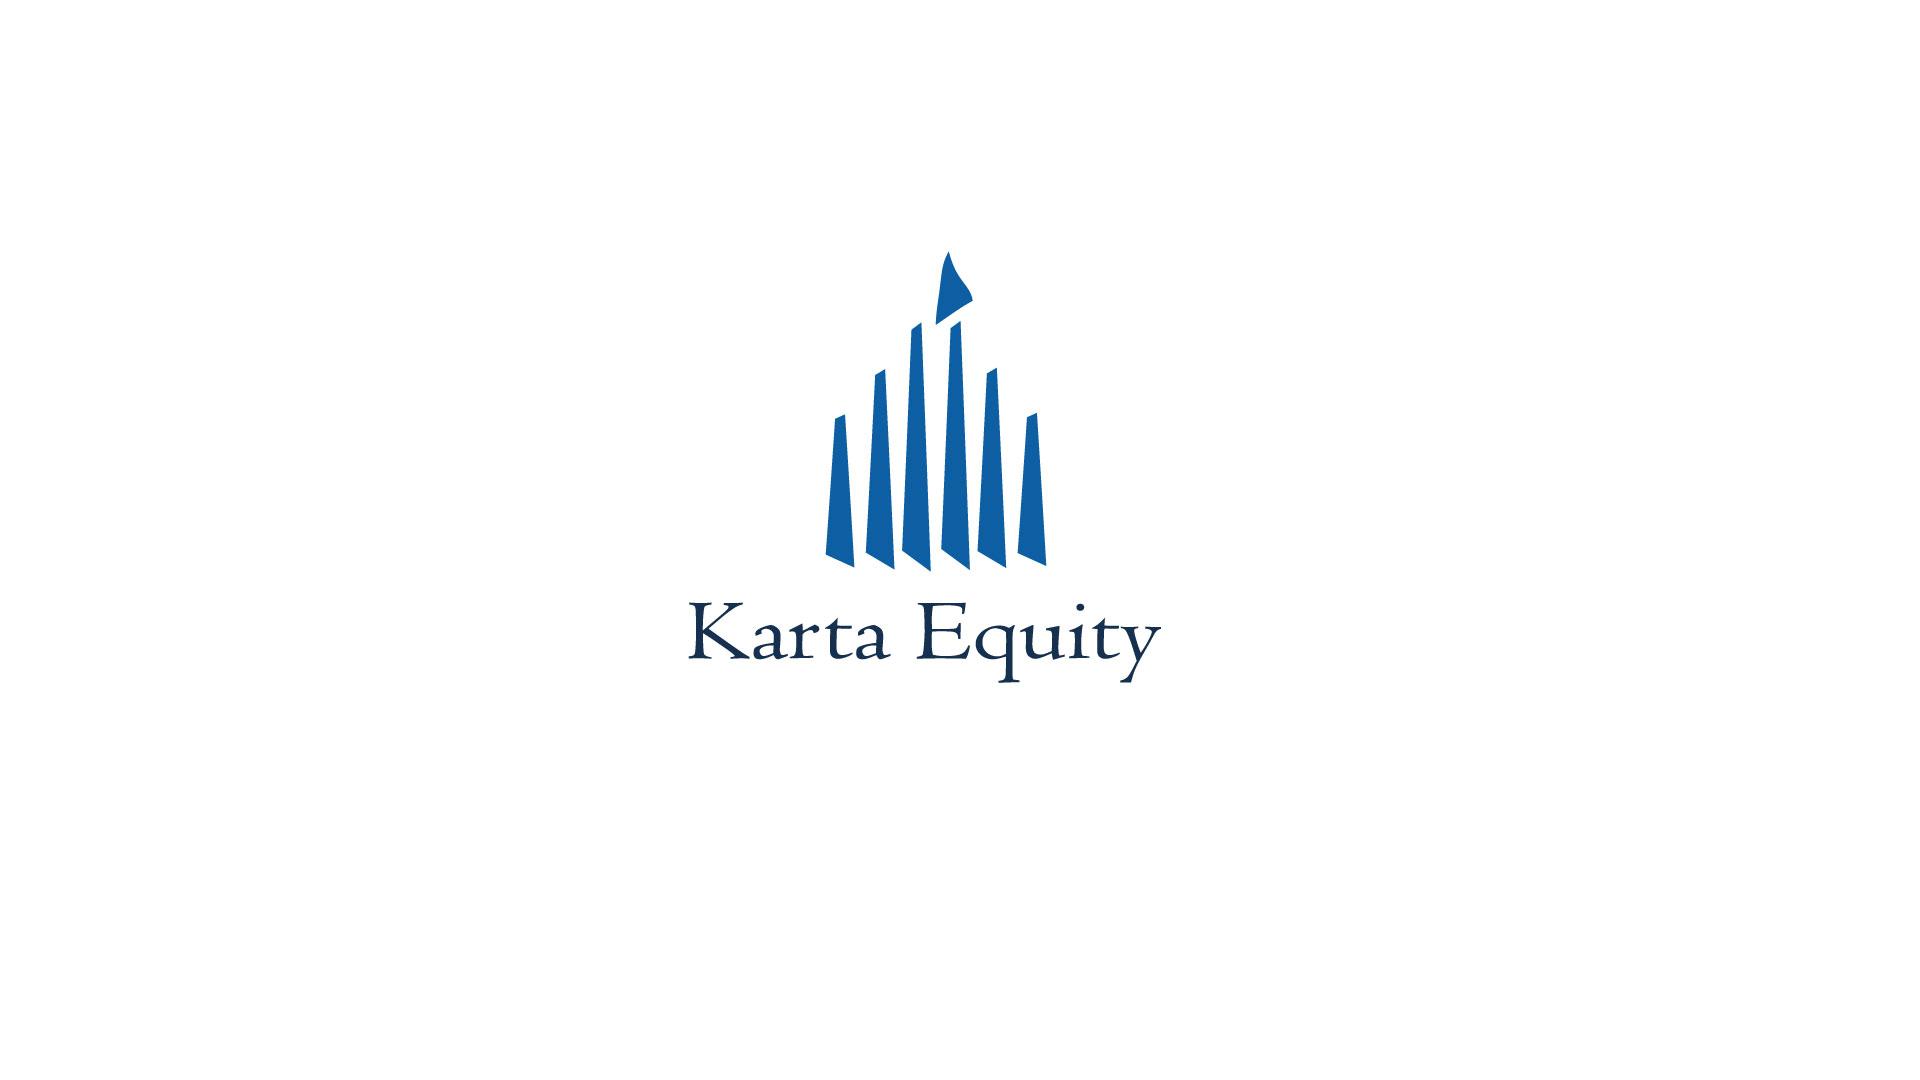 Логотип для компании инвестироваюшей в жилую недвижимость фото f_9355e1030c78aafc.jpg